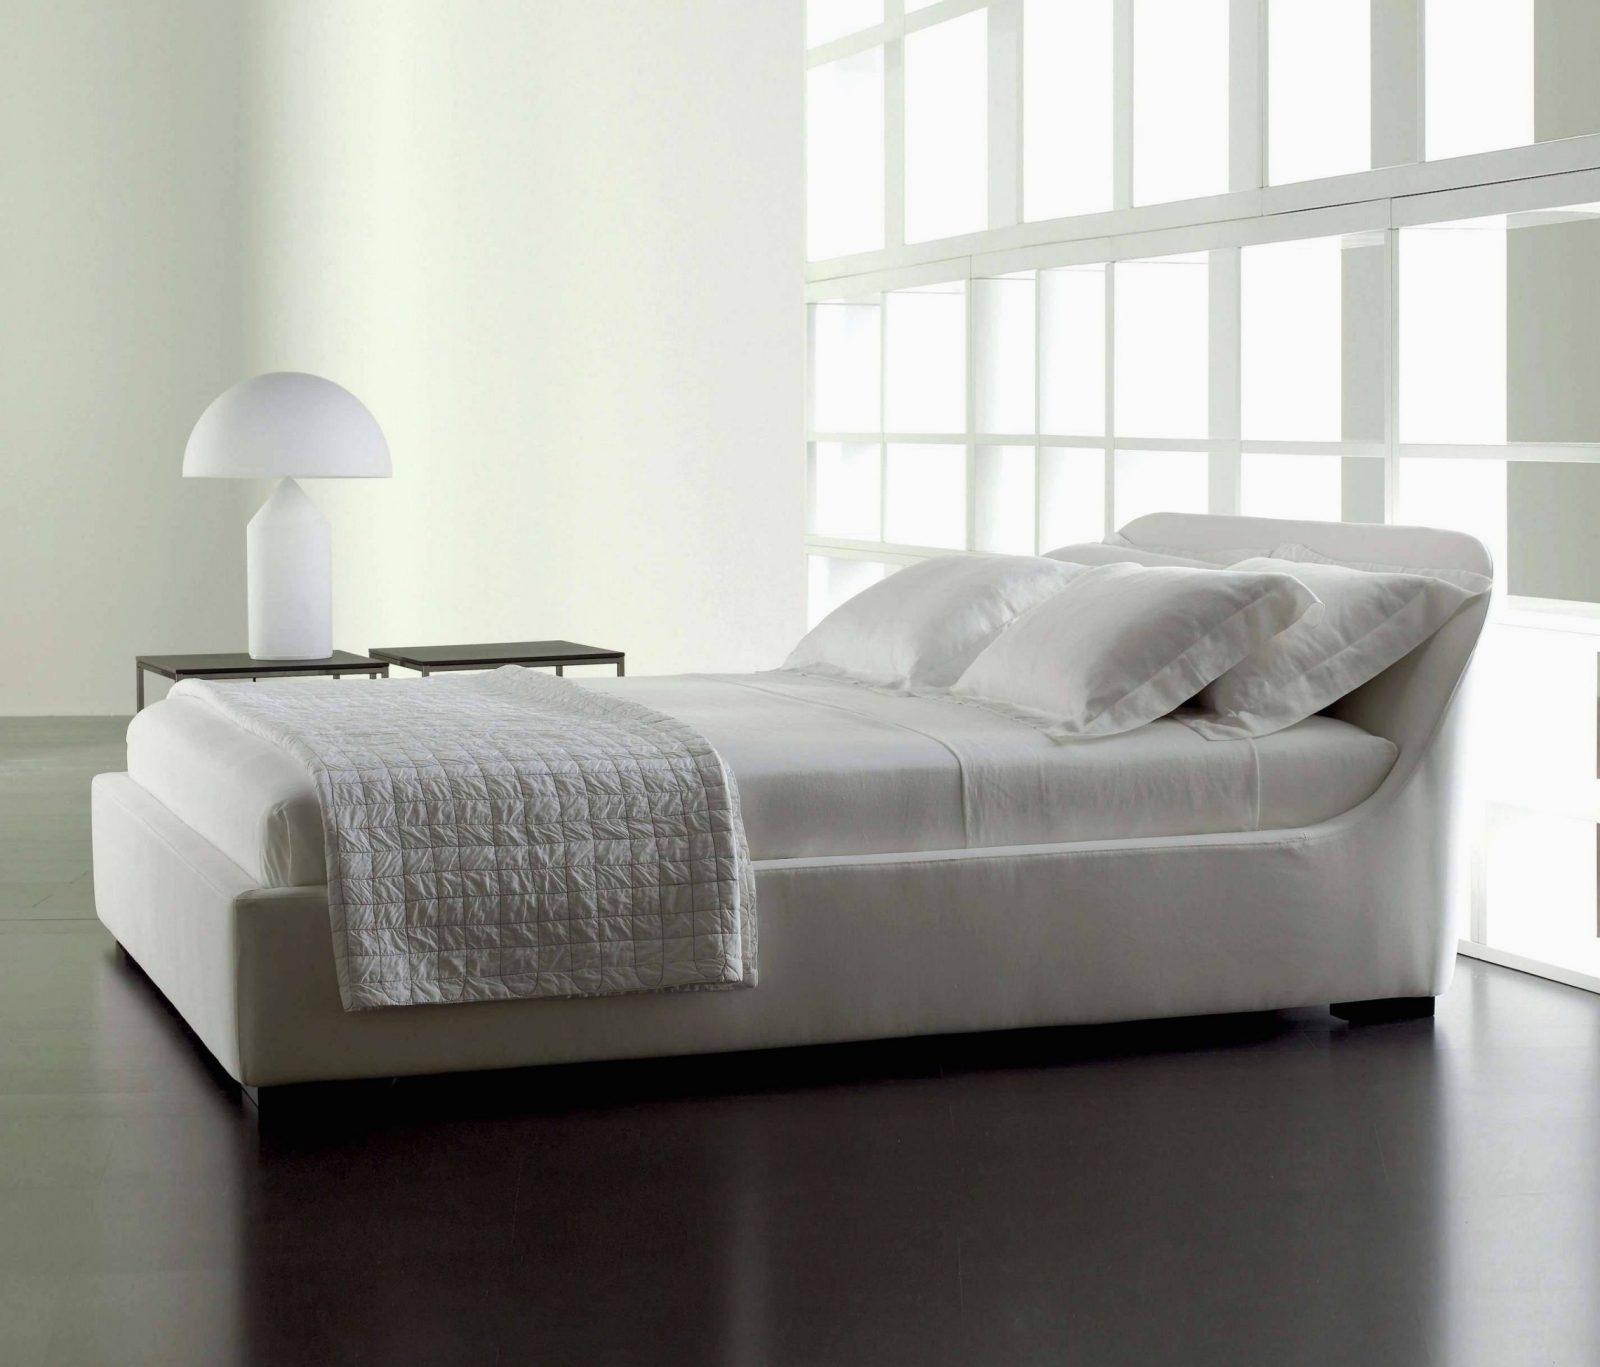 Opdekmatras Luxe 37 Frisch Ruf Betten Kaufen Design Bettweeps Foto's von Ruf Betten Boxspring Test Photo